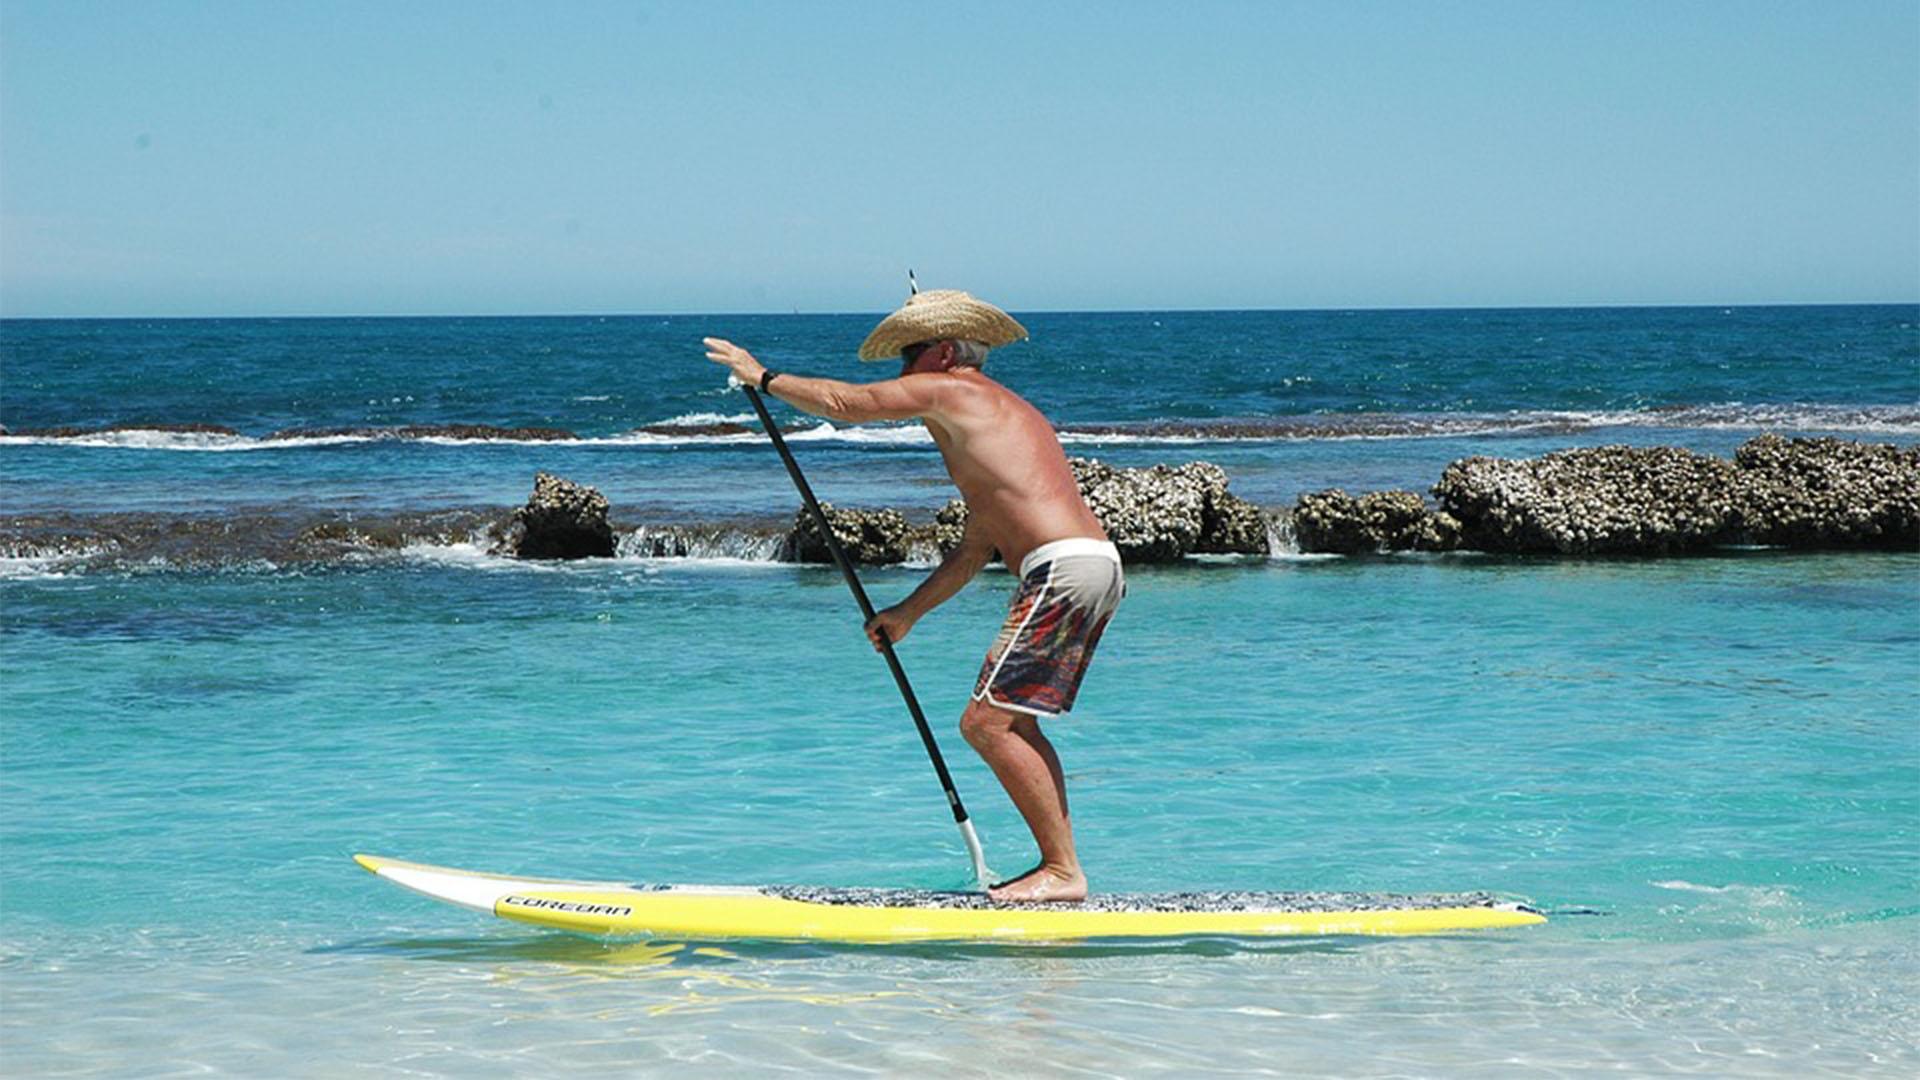 Aktivitäten Fuerteventura: SUP Stand Up Paddle.